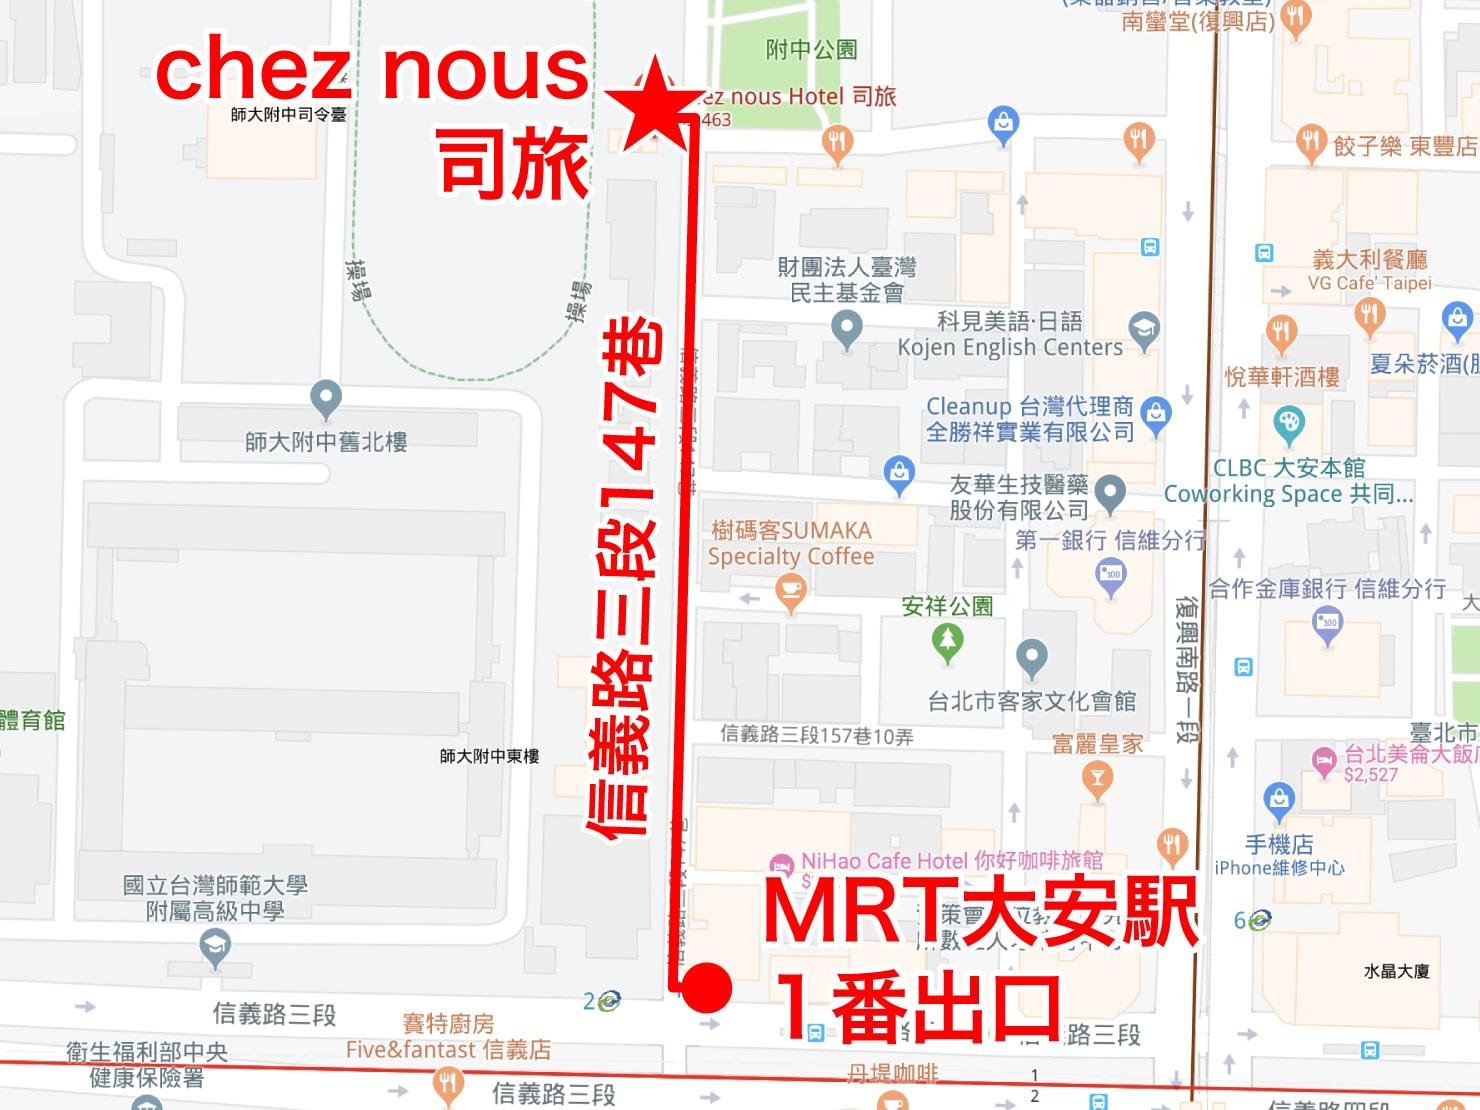 台北・大安の最高におしゃれなブティックホテル「chez nous 司旅」へのアクセスマップ